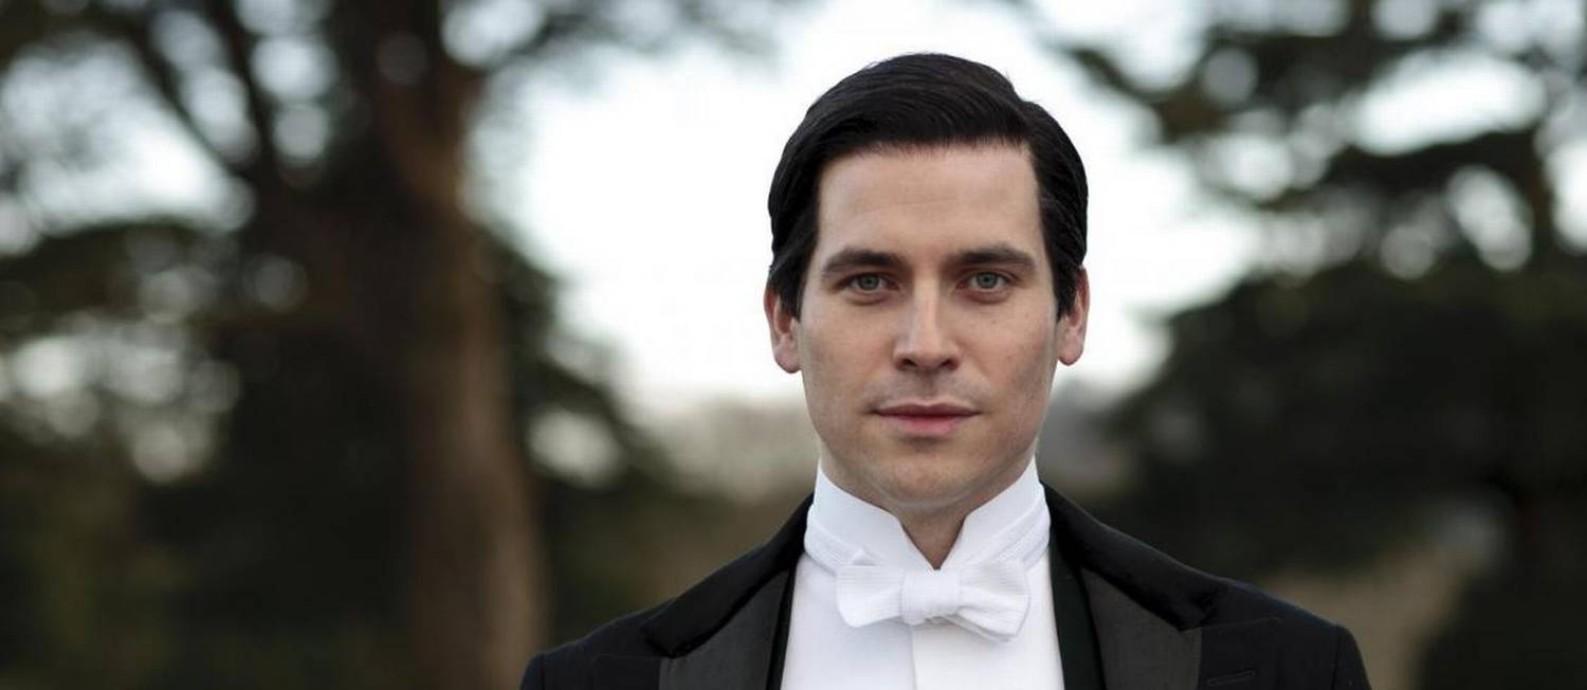 O ator Rob James Collier em 'Downton Abbey' Foto: Divulgação